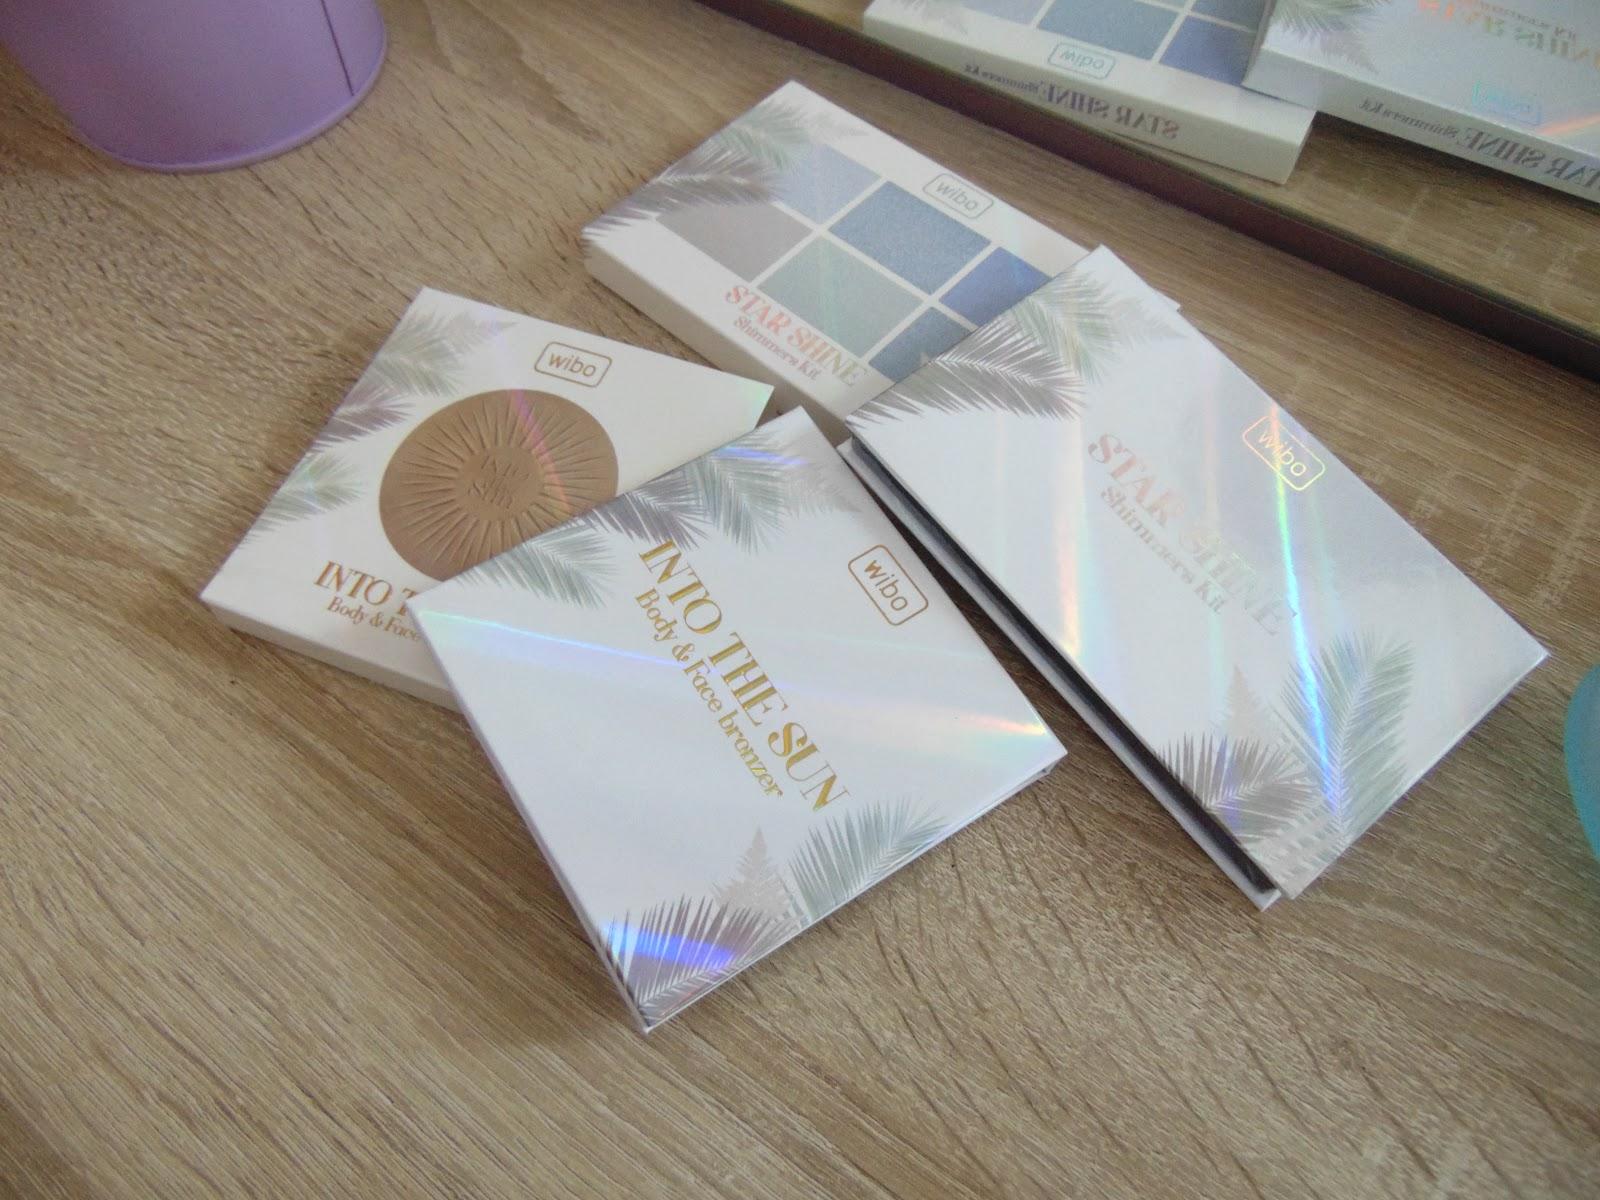 Nowości wibo – paleta rozświetlaczy STAR SHINE i bronzer INTO THE SUN